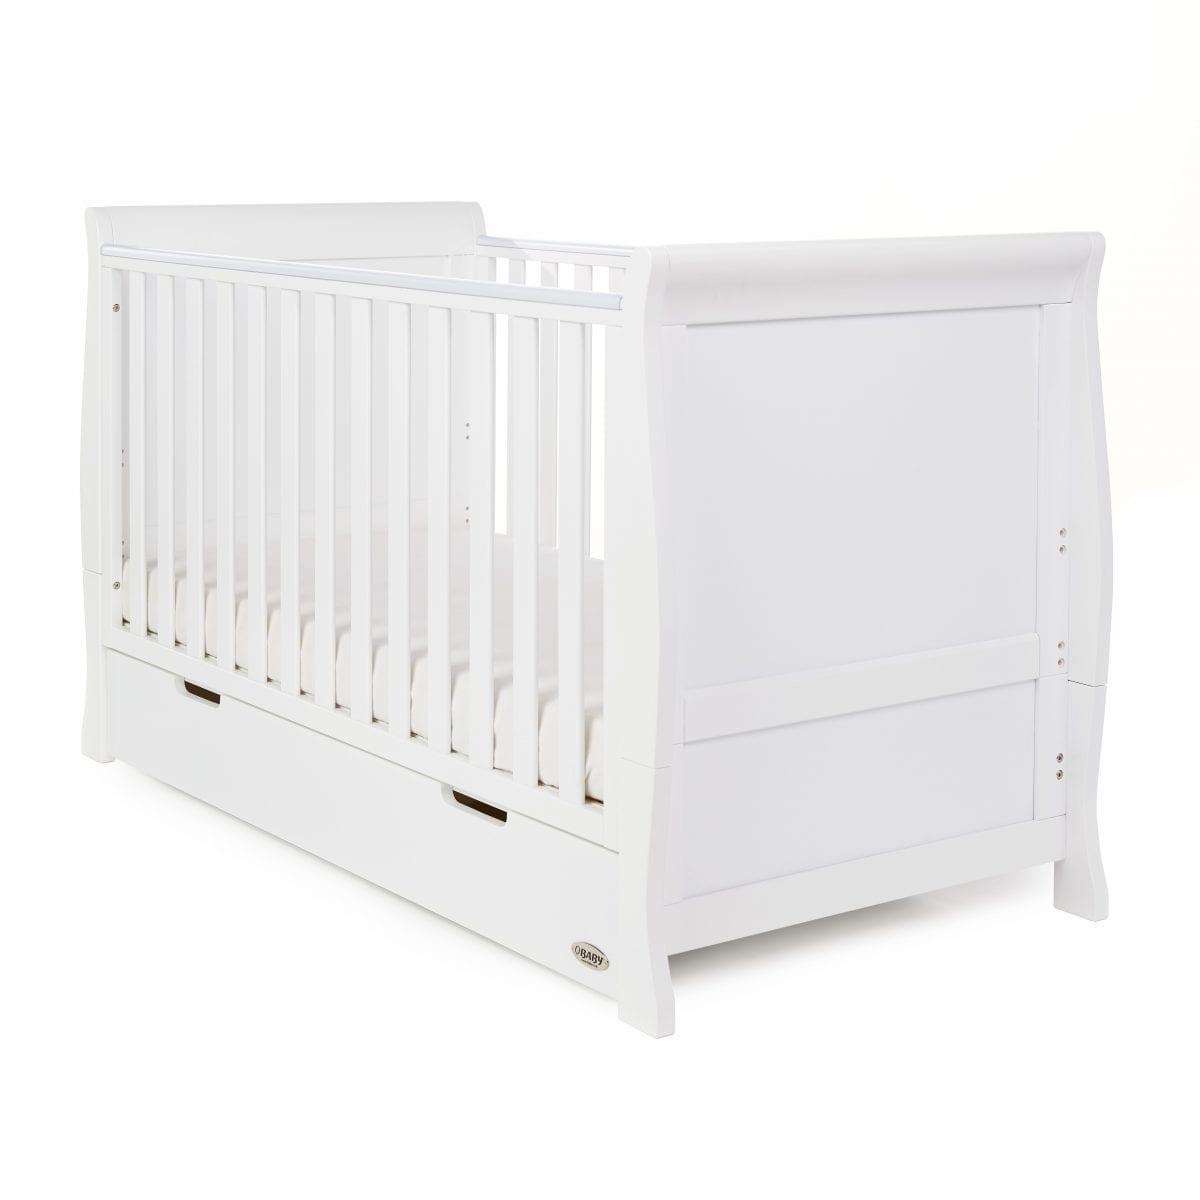 Stamford White Cot Bed - White